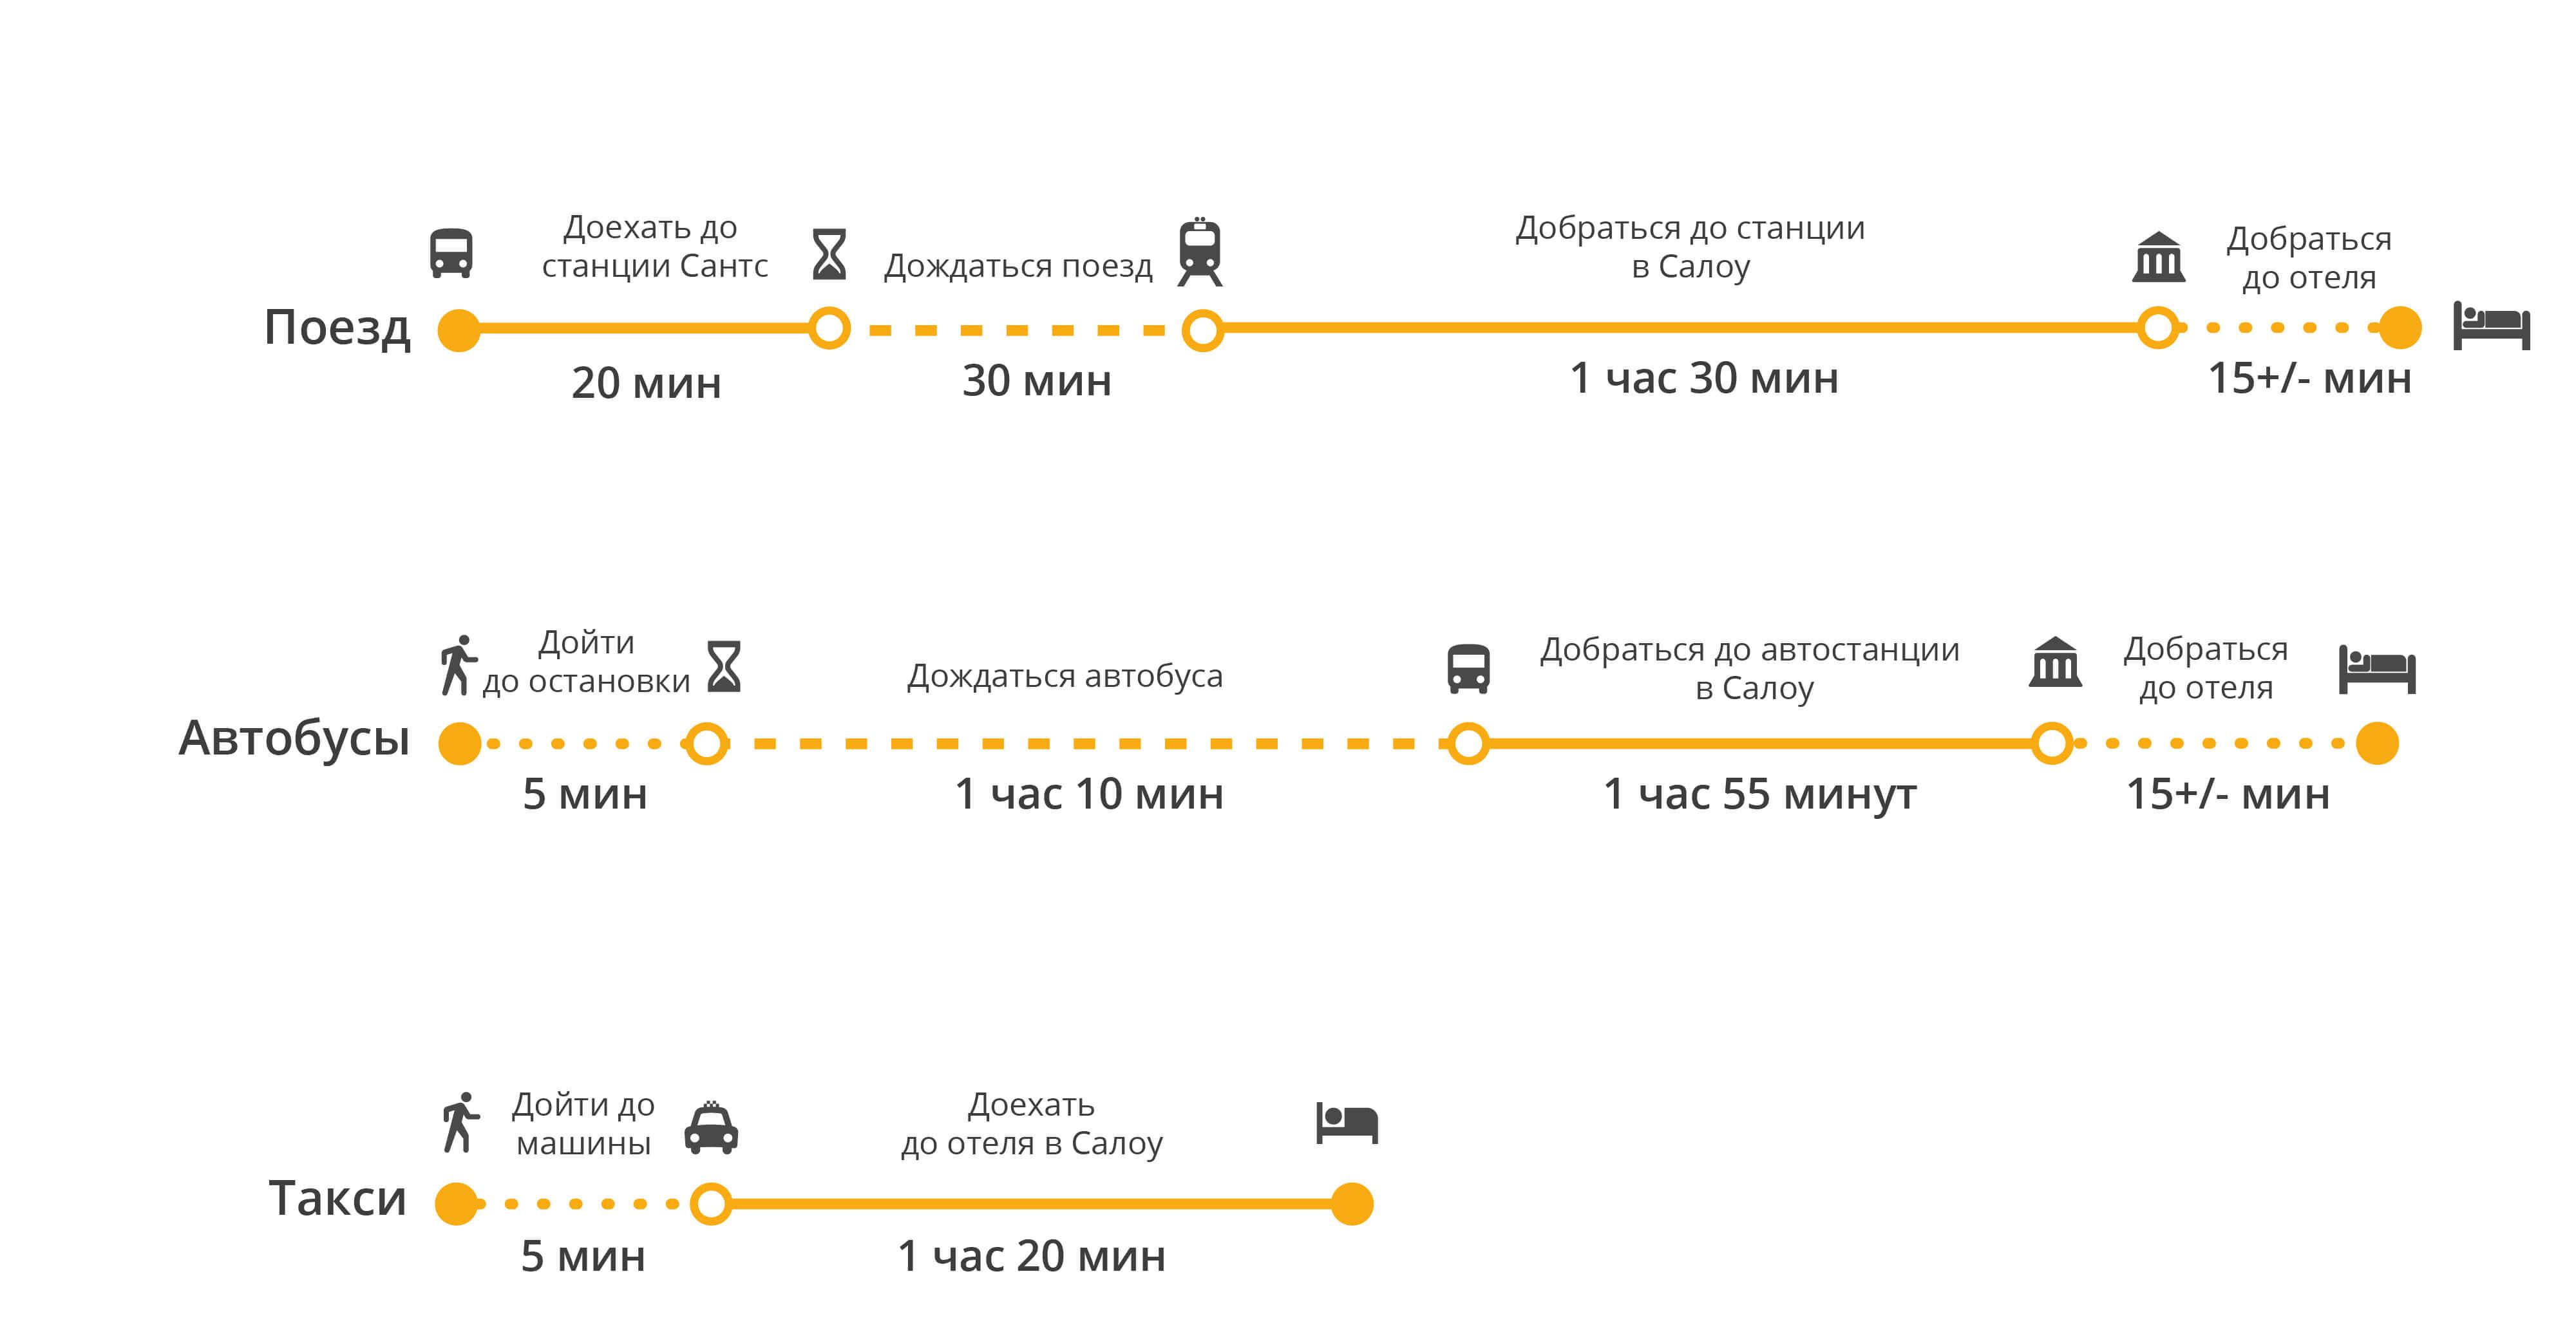 Барселона - салоу: как добраться, на каком транспорте?